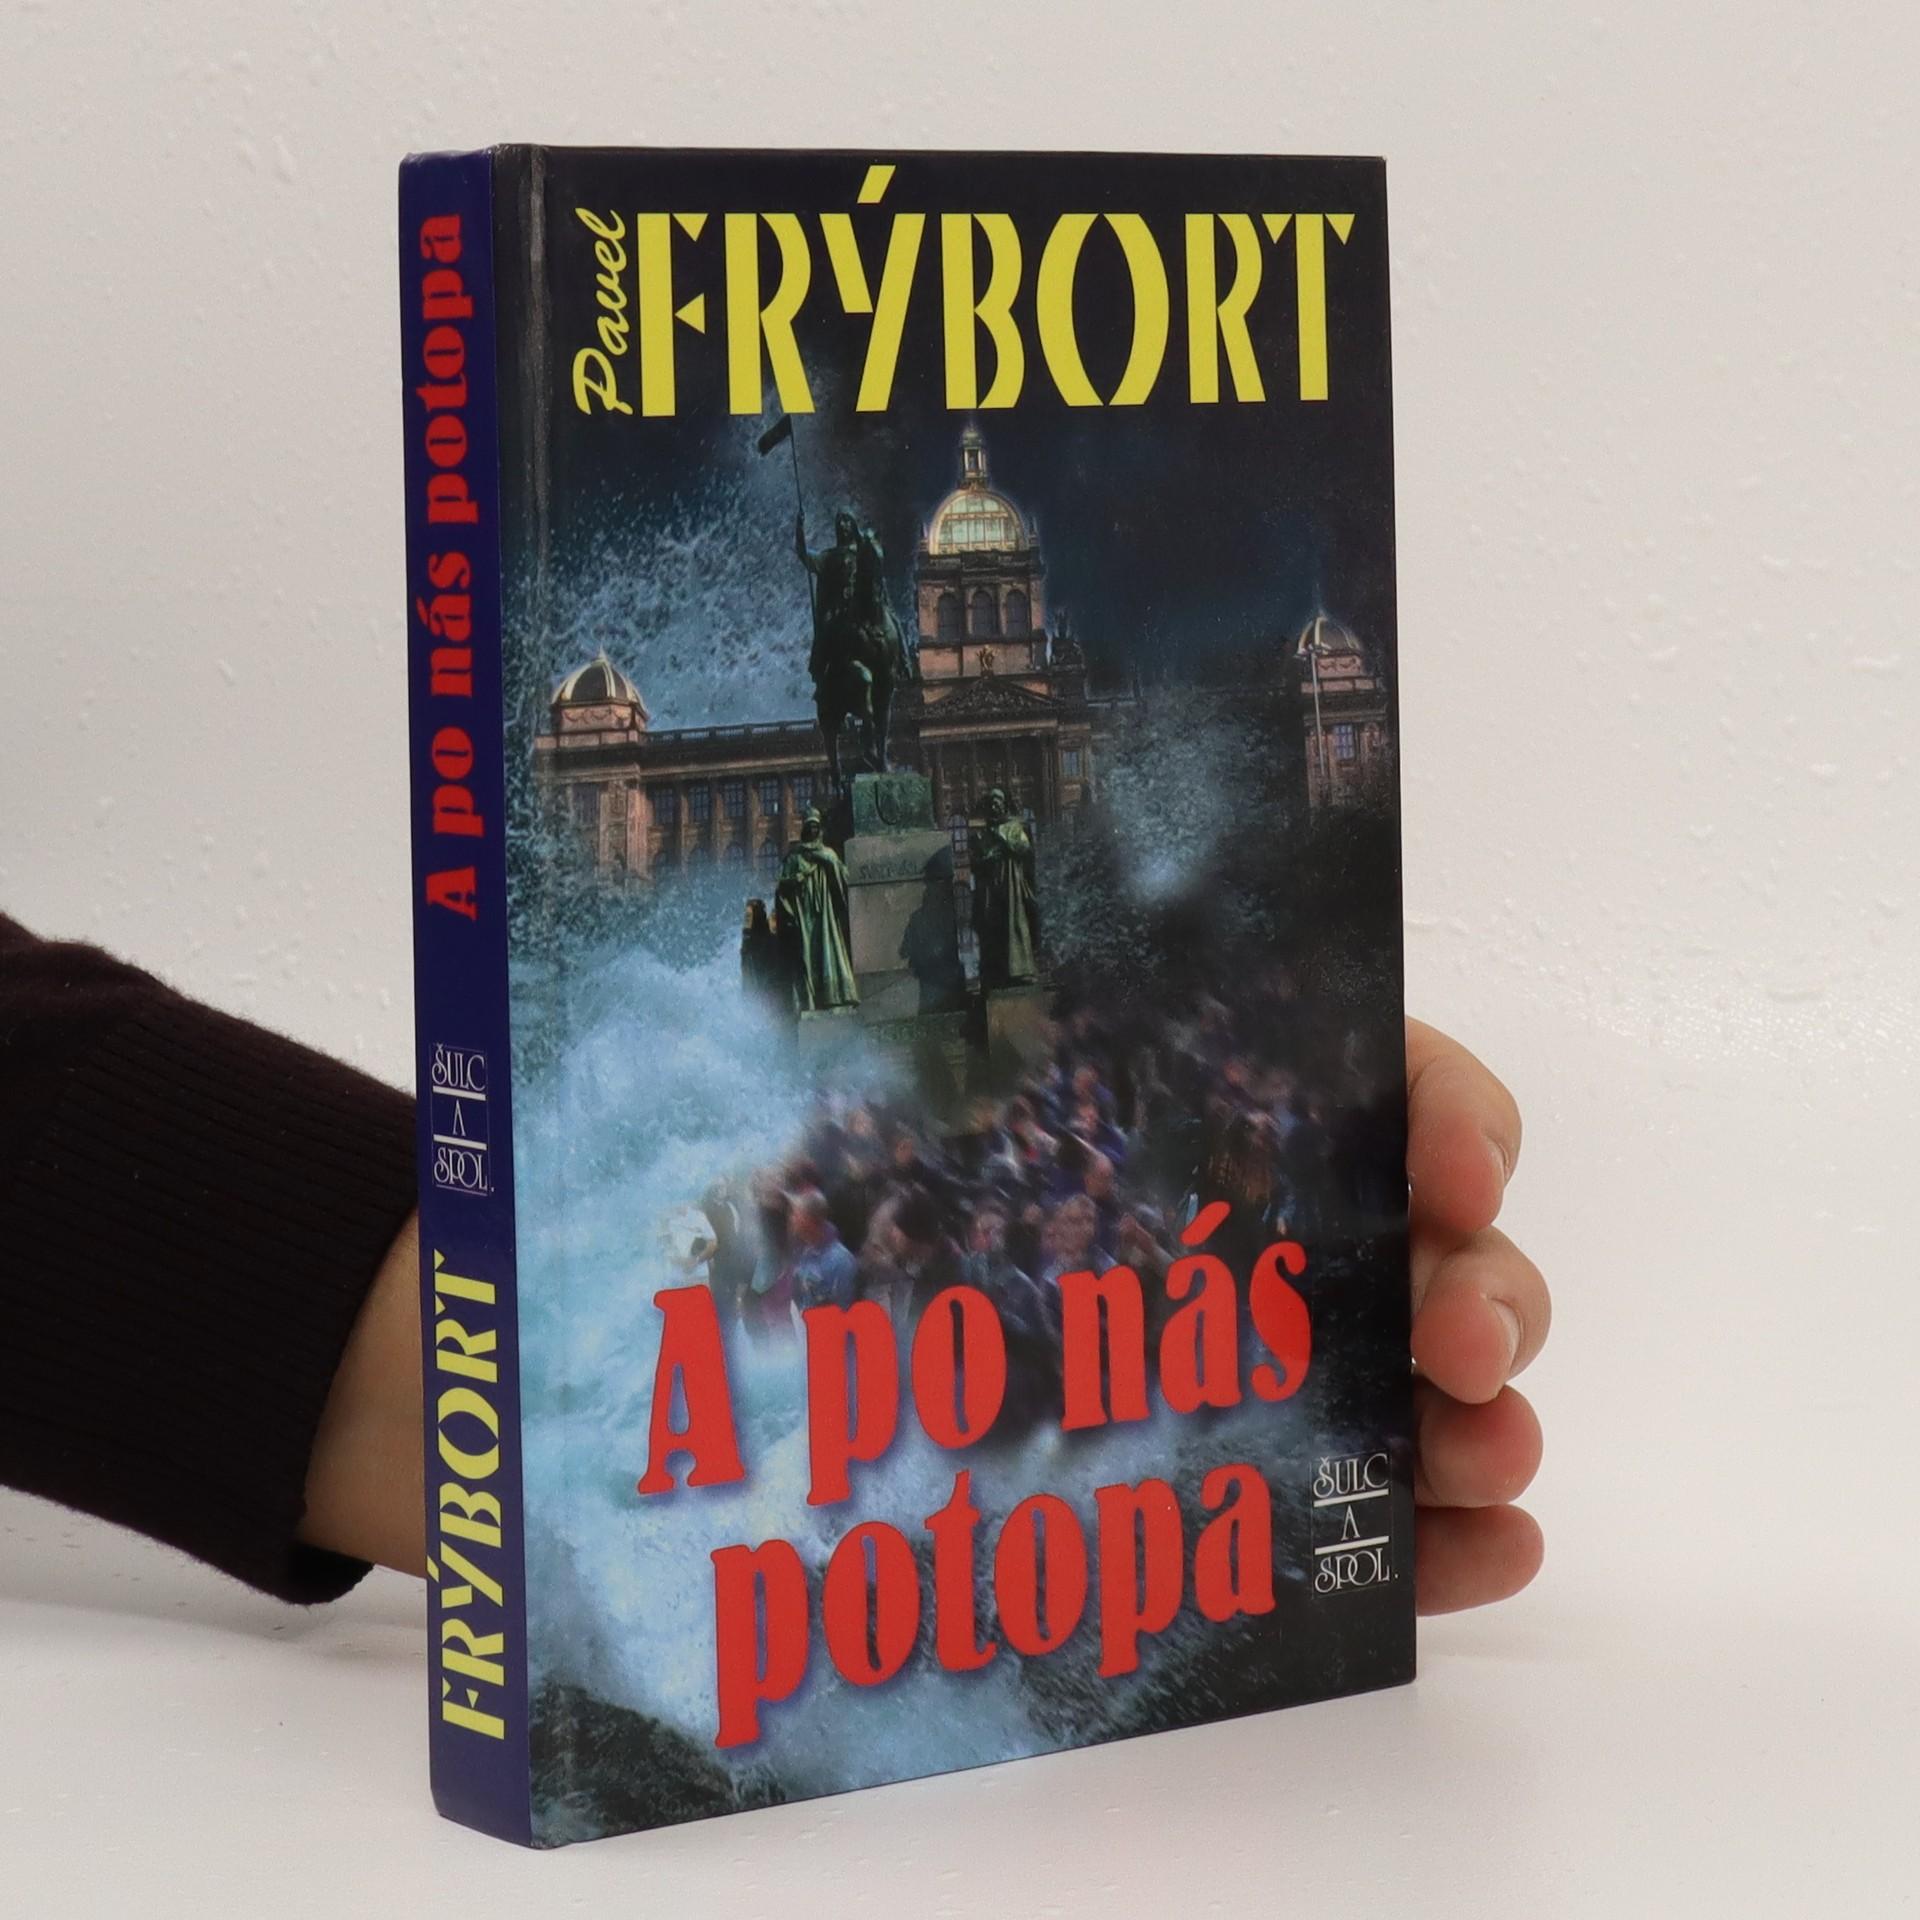 antikvární kniha A po nás potopa, 2005